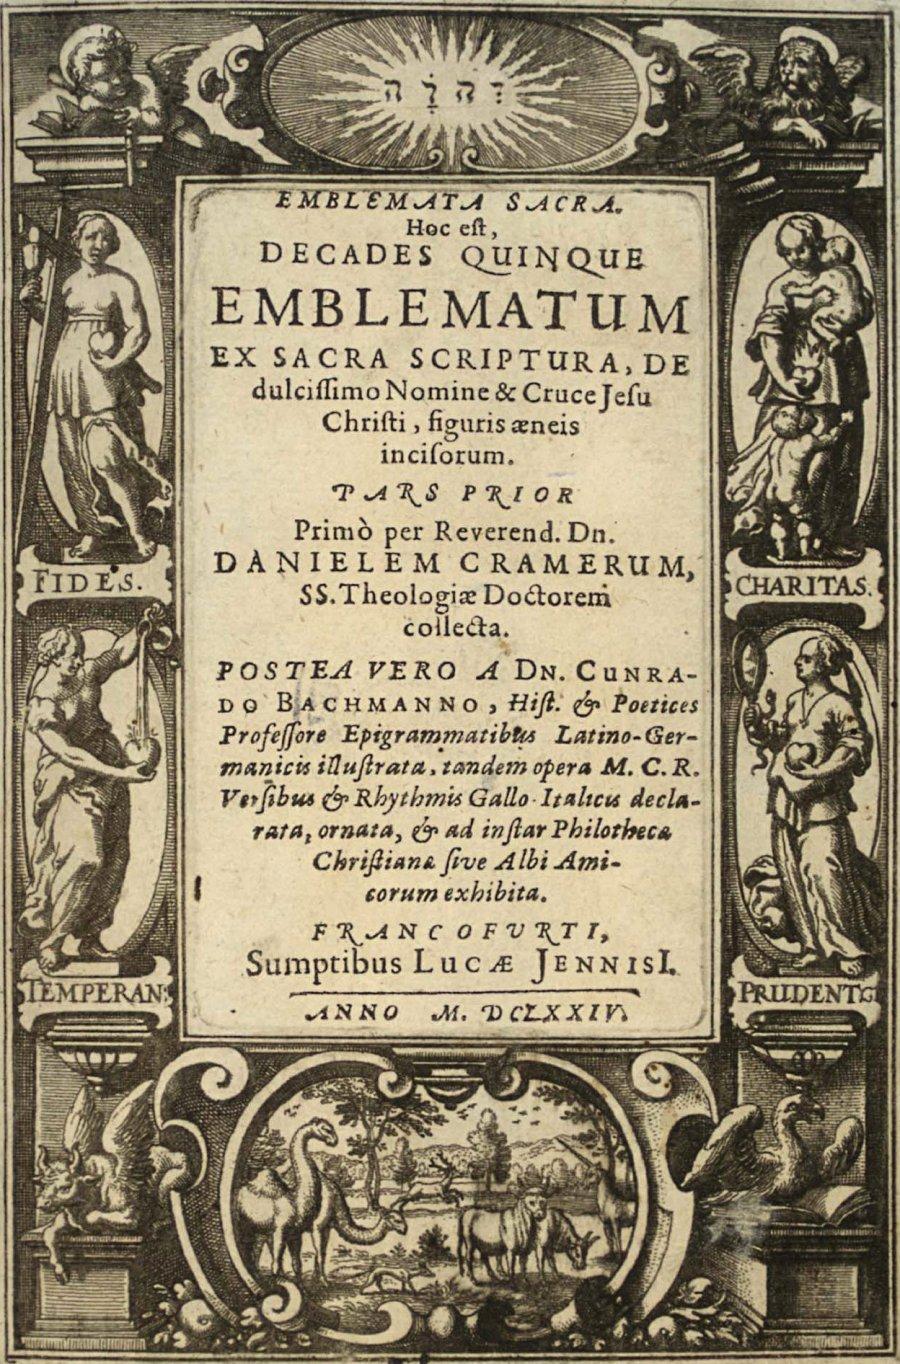 eblematum-title-page